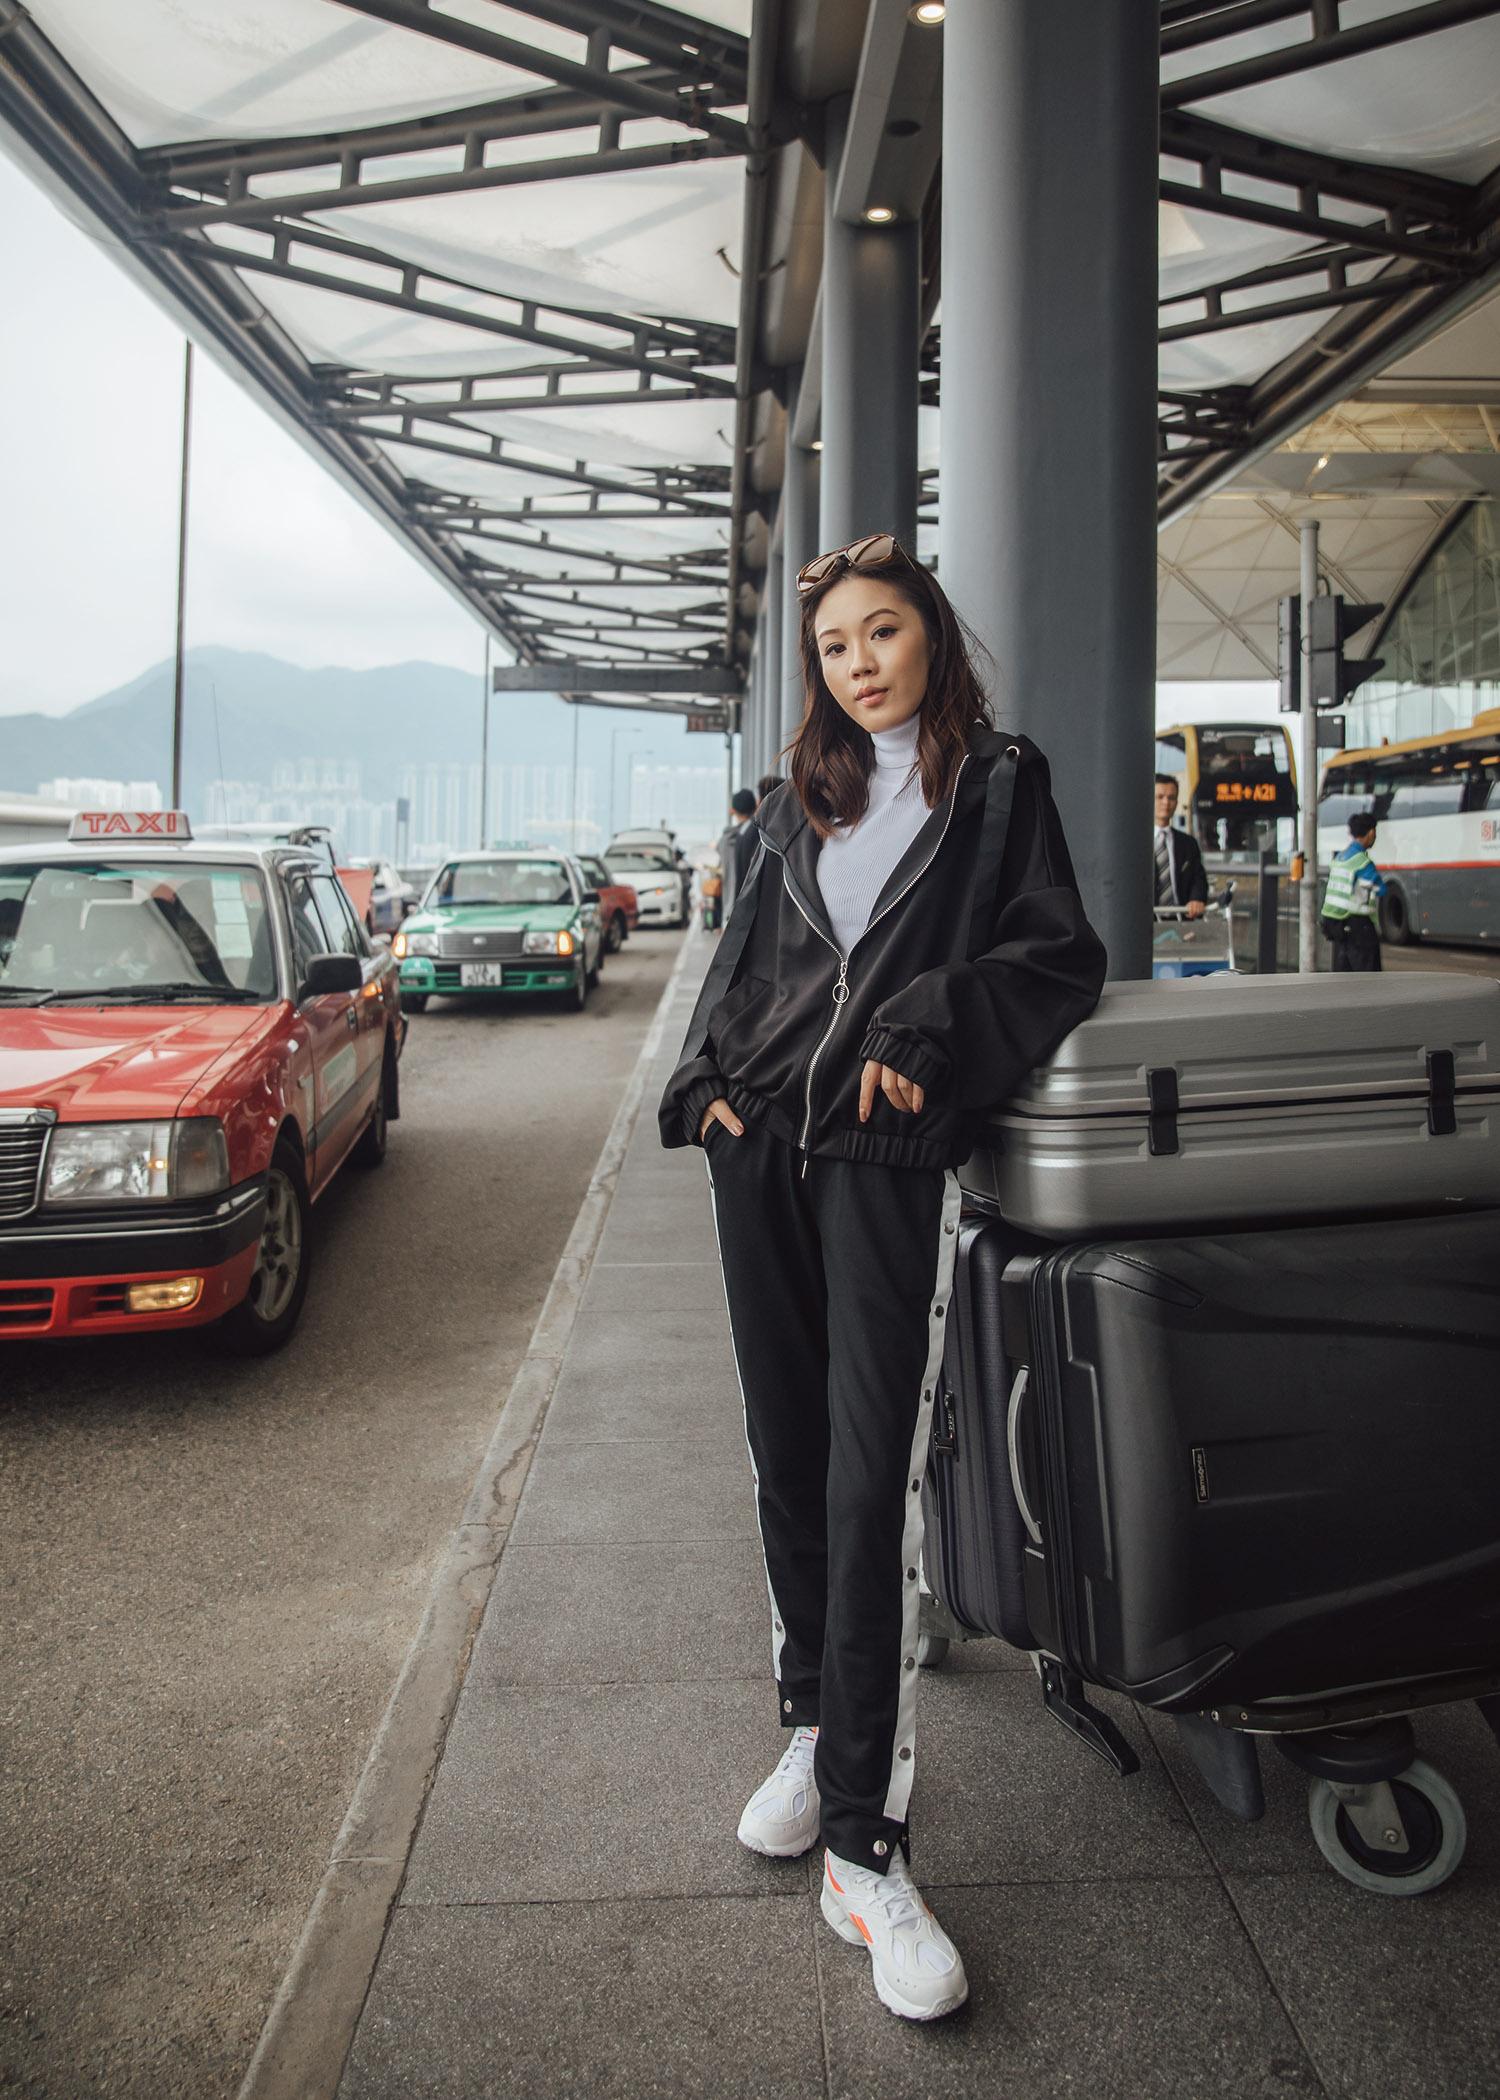 Jenny Tsang of Tsangtastic wearing airport activewear outfit in Hong Kong